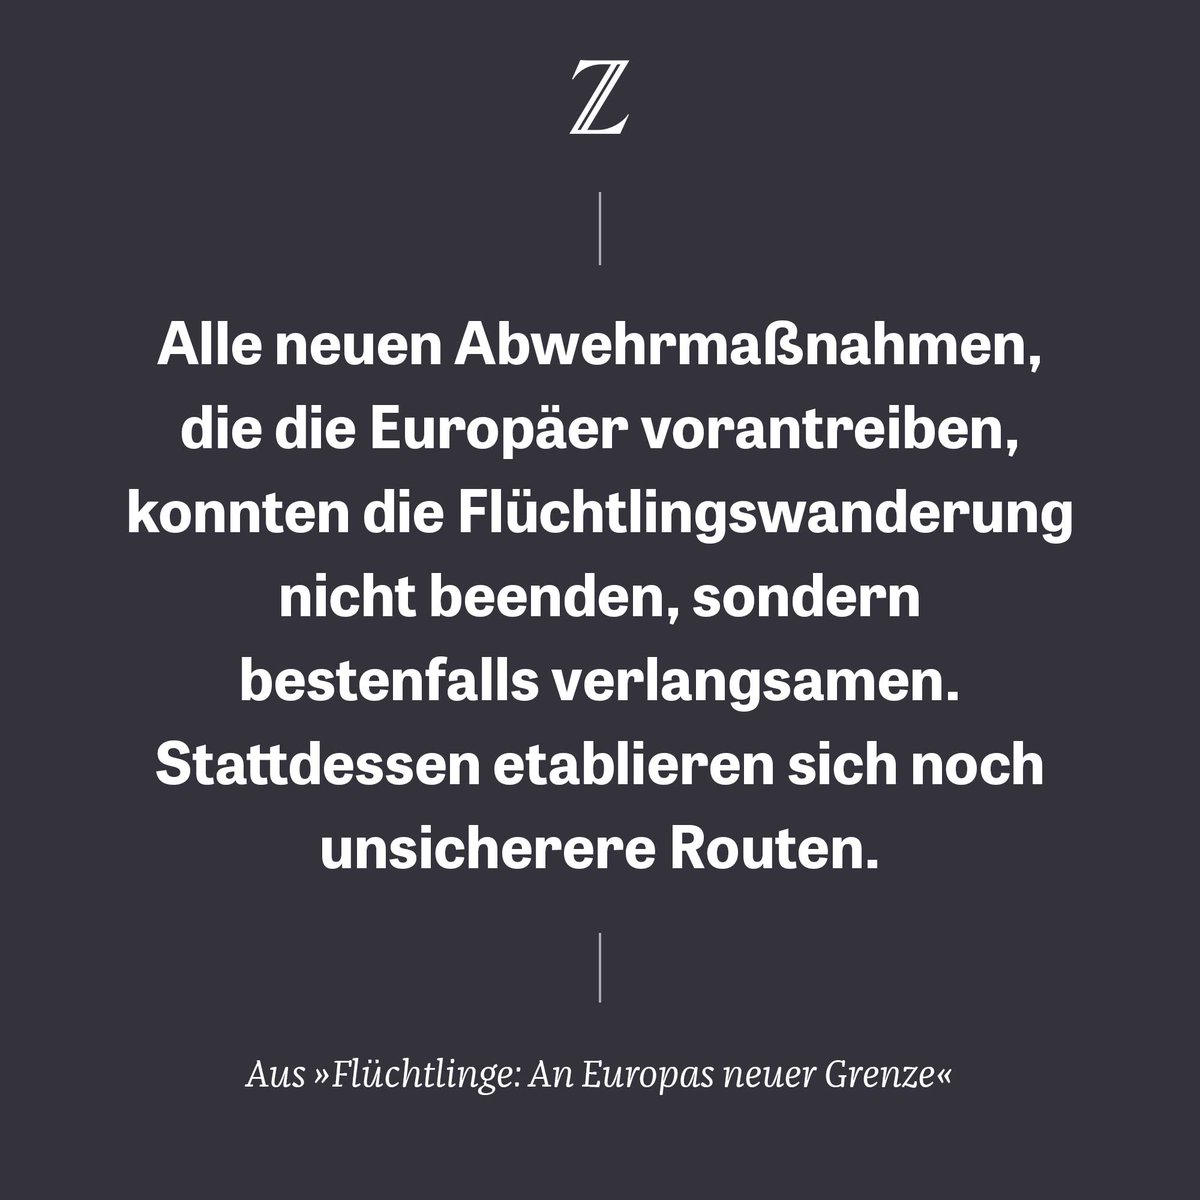 Um Flüchtlinge abzuhalten, verschiebt Europa seine Grenzen und scheut dabei auch keine dunklen Geschäfte. Unsere Autoren zeigen: Die Abwehrzonen reichen bis nach Westafrika. https://t.co/DIFx5CNMI8